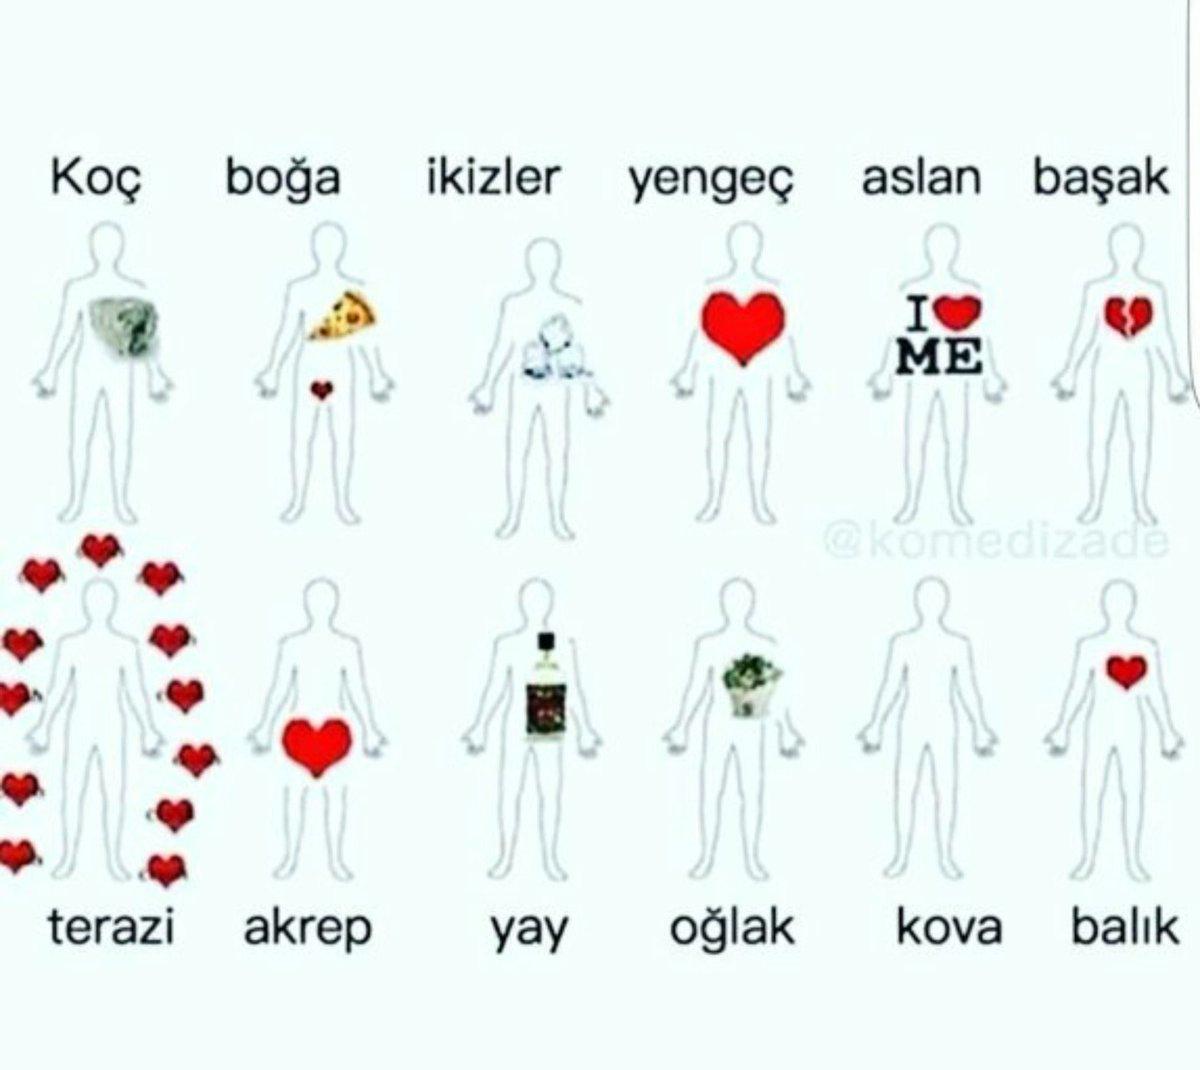 strelets-muzhchina-bliznetsi-zhenshina-seksualnaya-sovmestimost